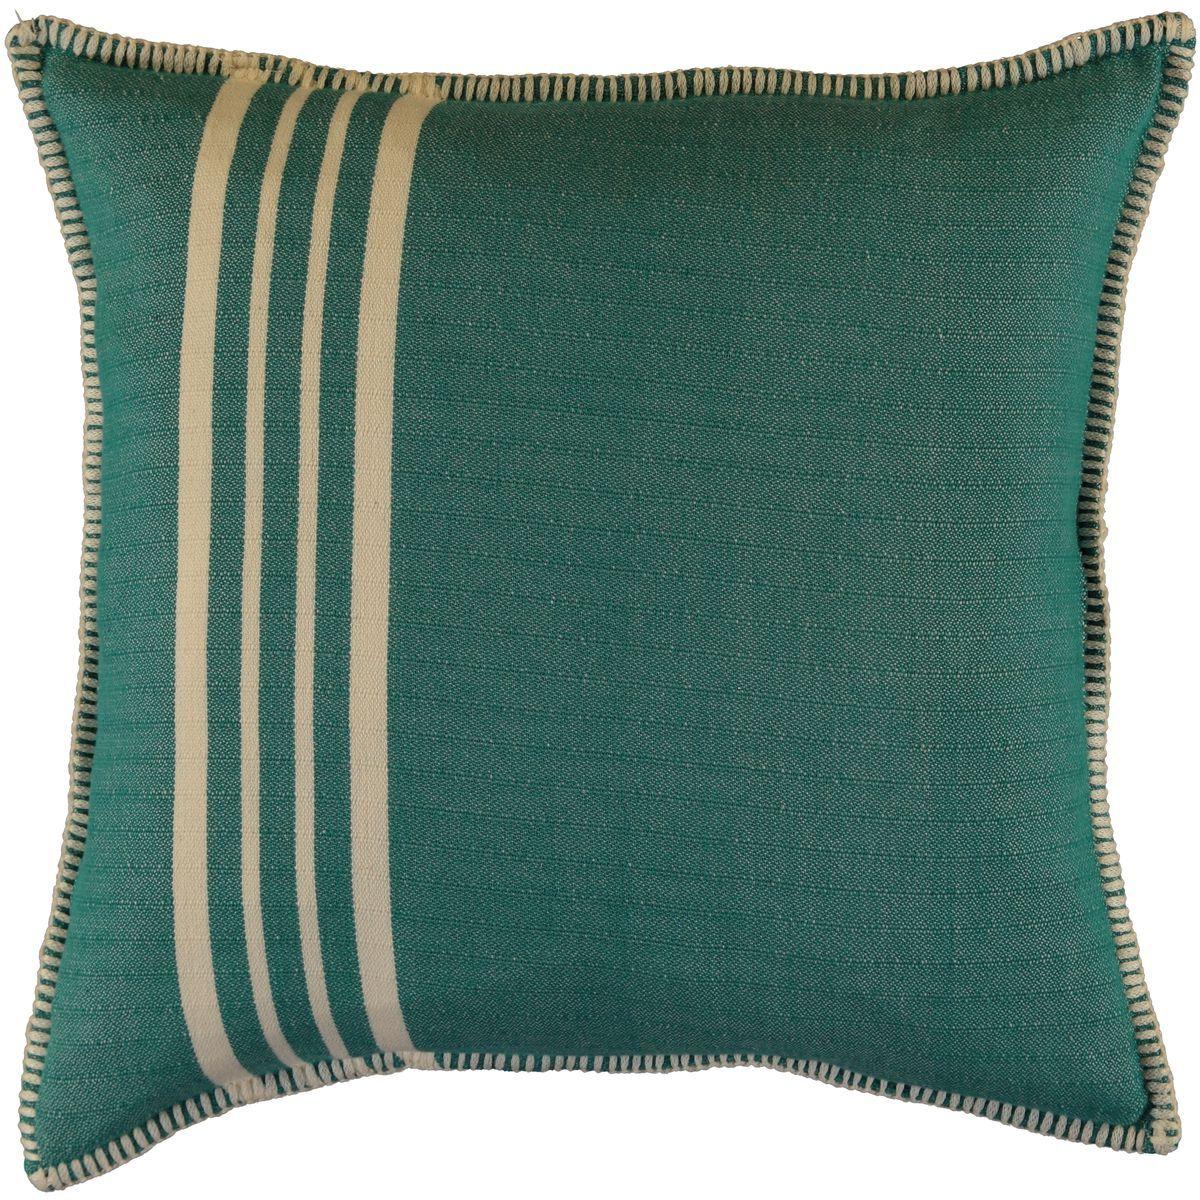 Cushion Cover Sultan - Fanfare Green / 45x45